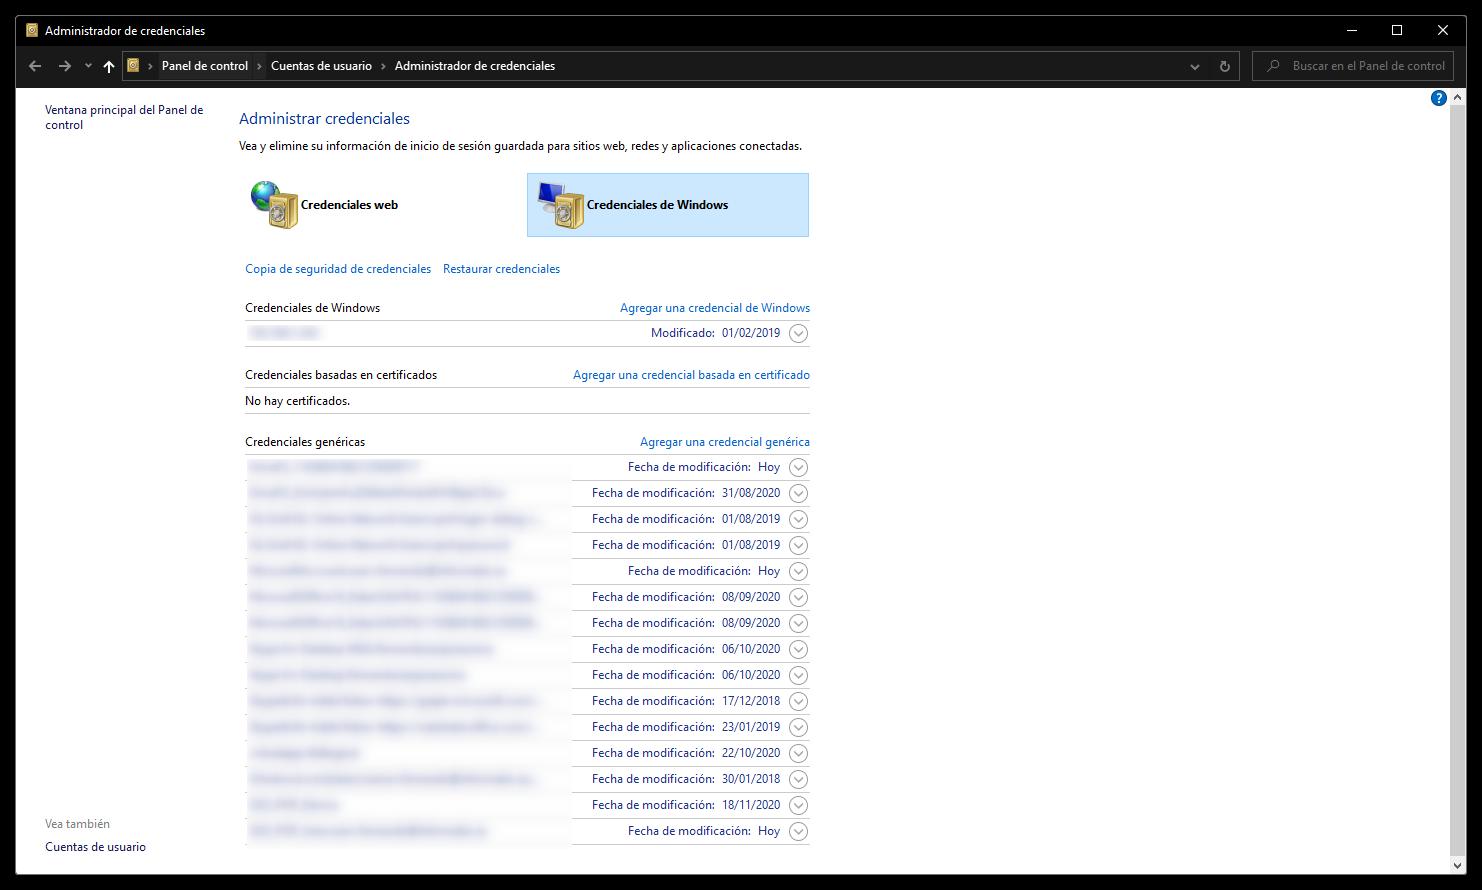 Administrador de credenciales de Windows